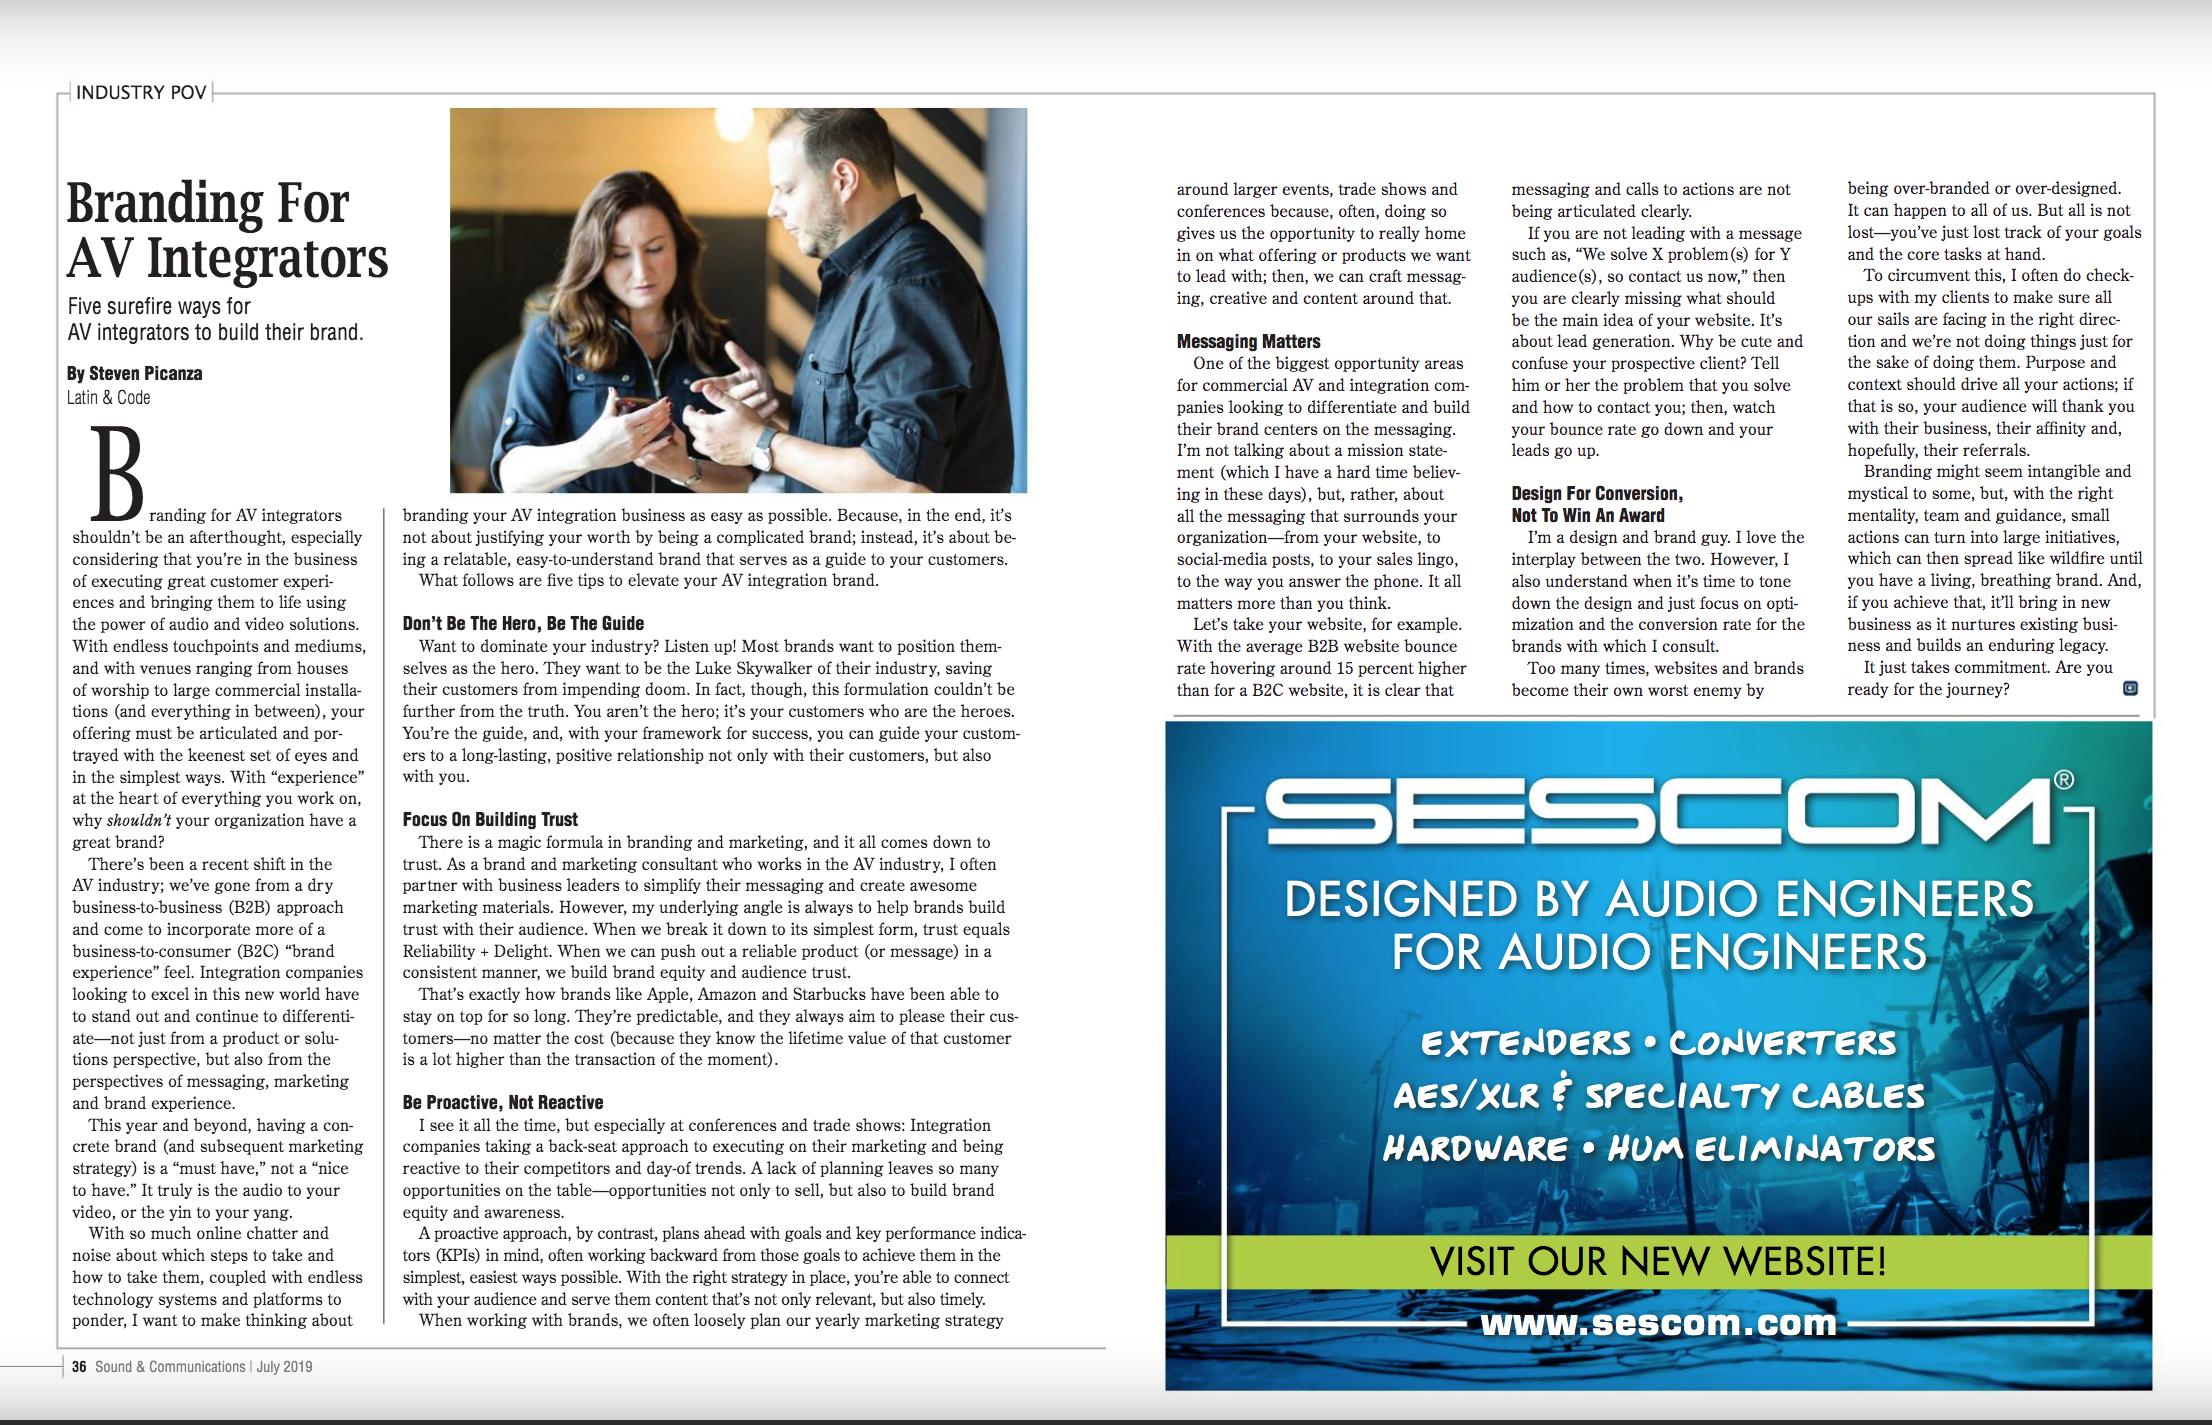 sound and communications branding for AV integrators article